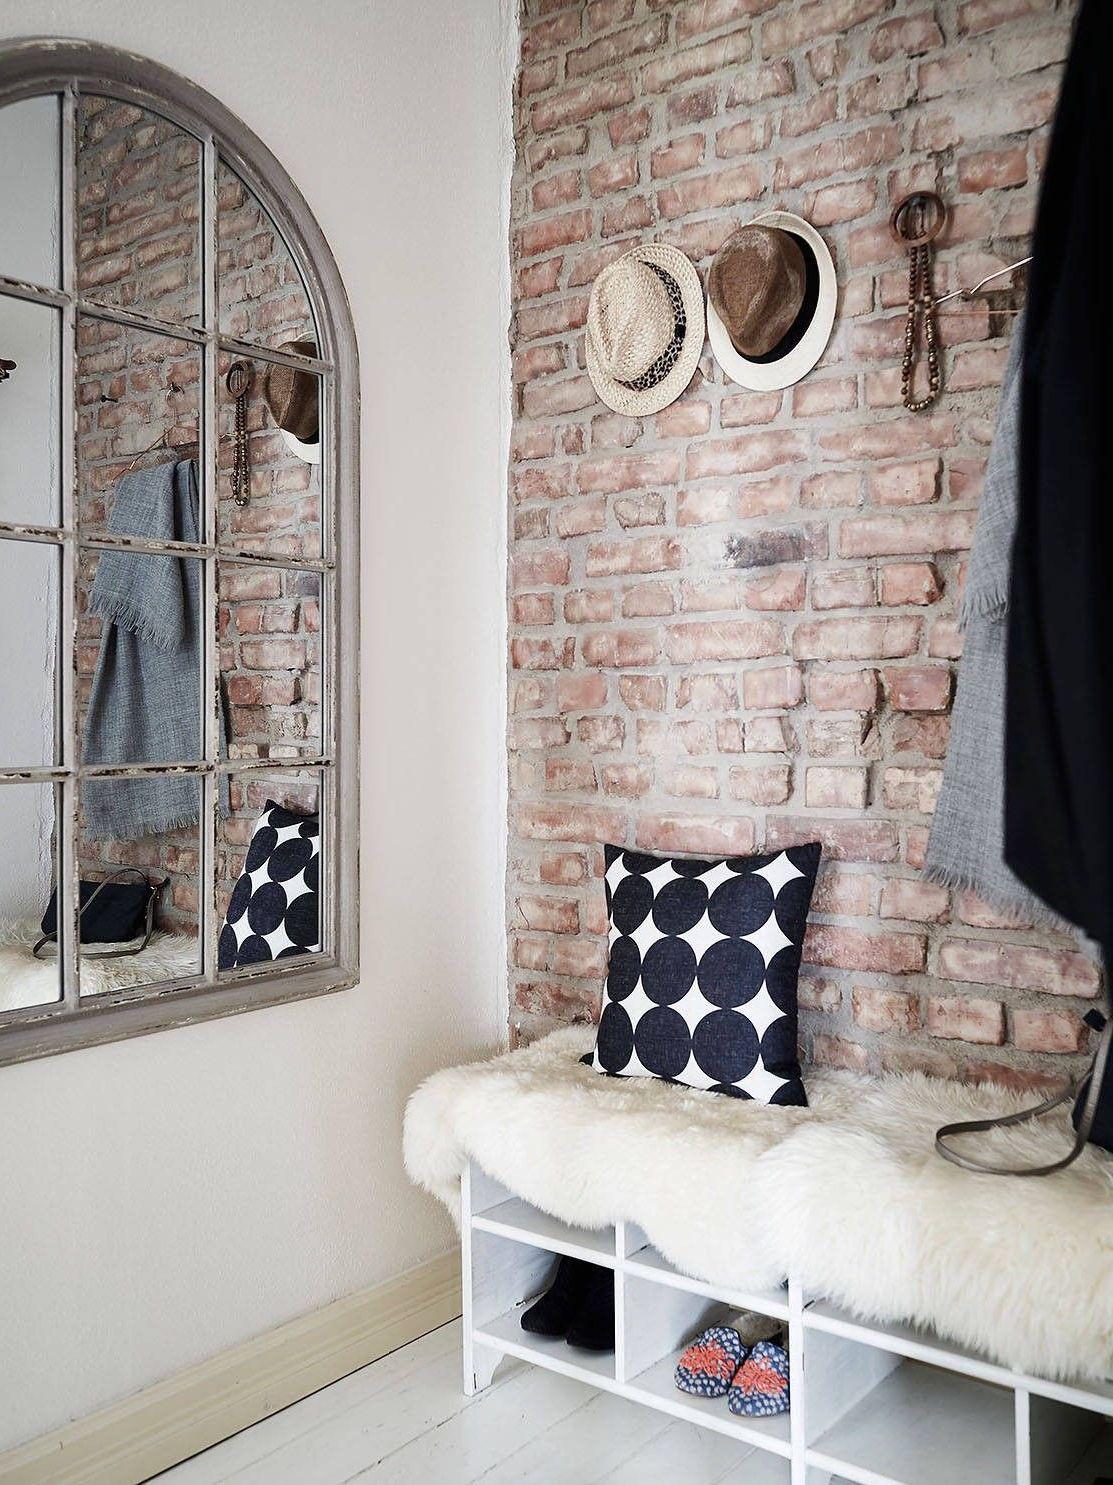 Дизайнерское зеркало соответствует кирпичной кладке на прихожей и выгодно акцентирует внимание